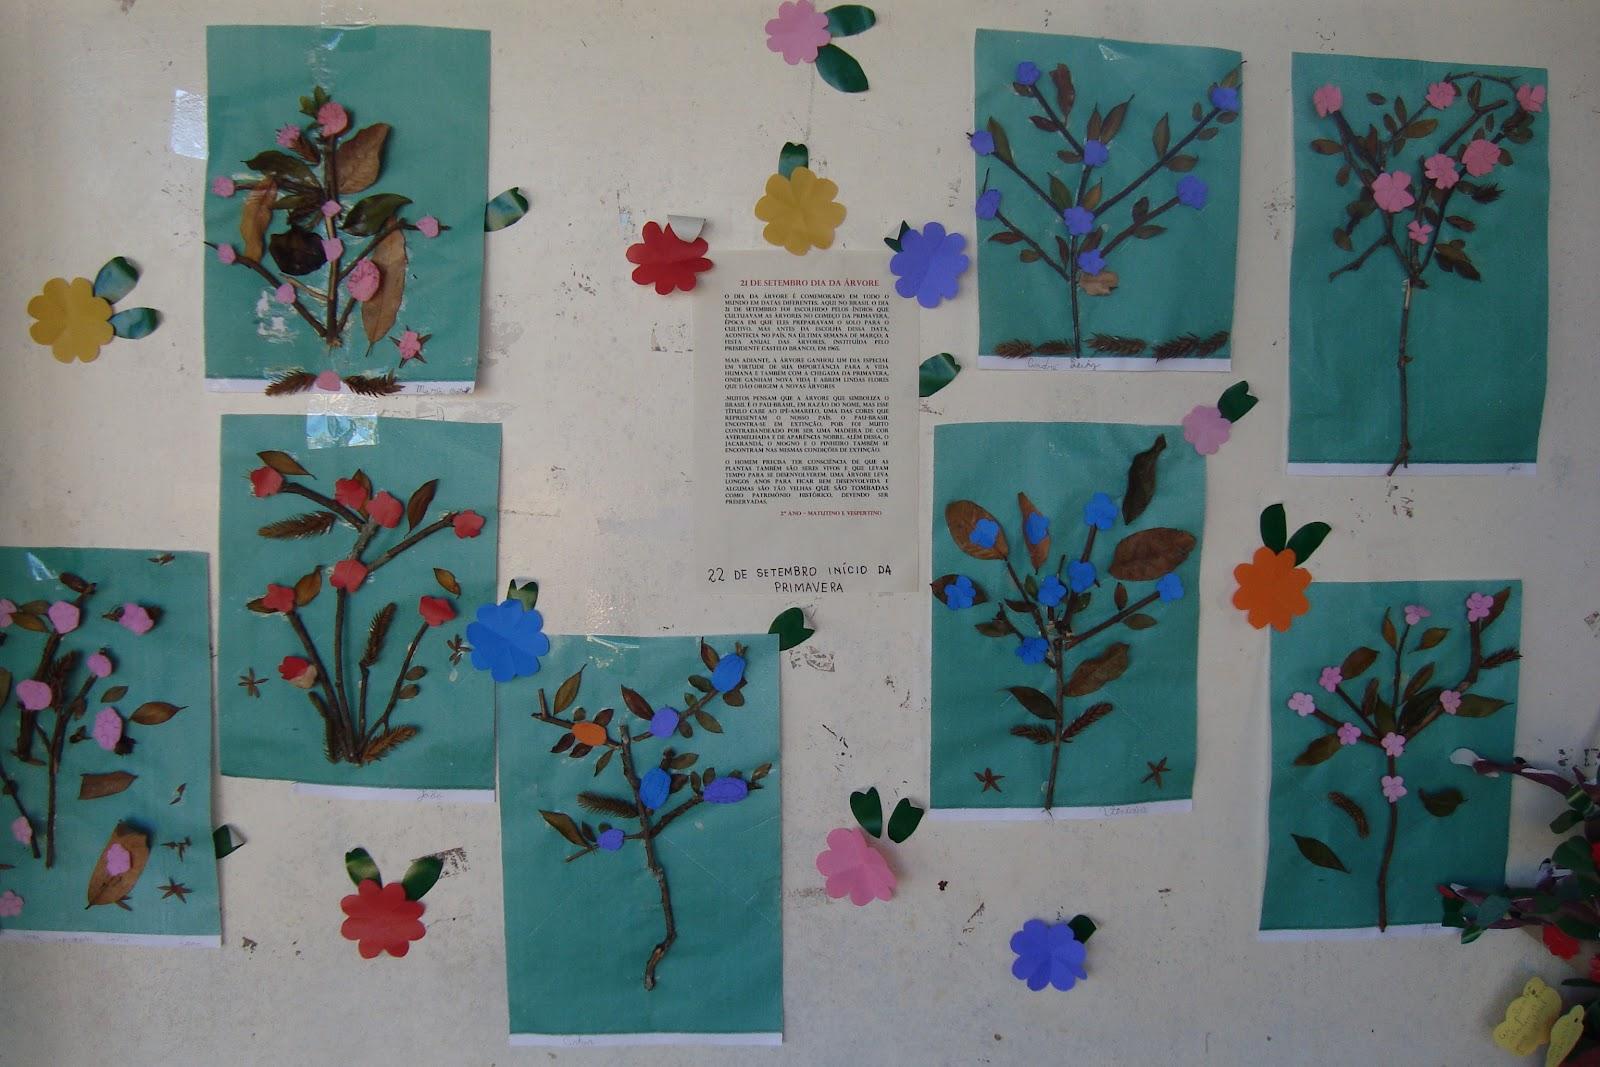 rosas no jardim poema : rosas no jardim poema:primavera nossa escola ganhou cores brilho versos e poesias as flores